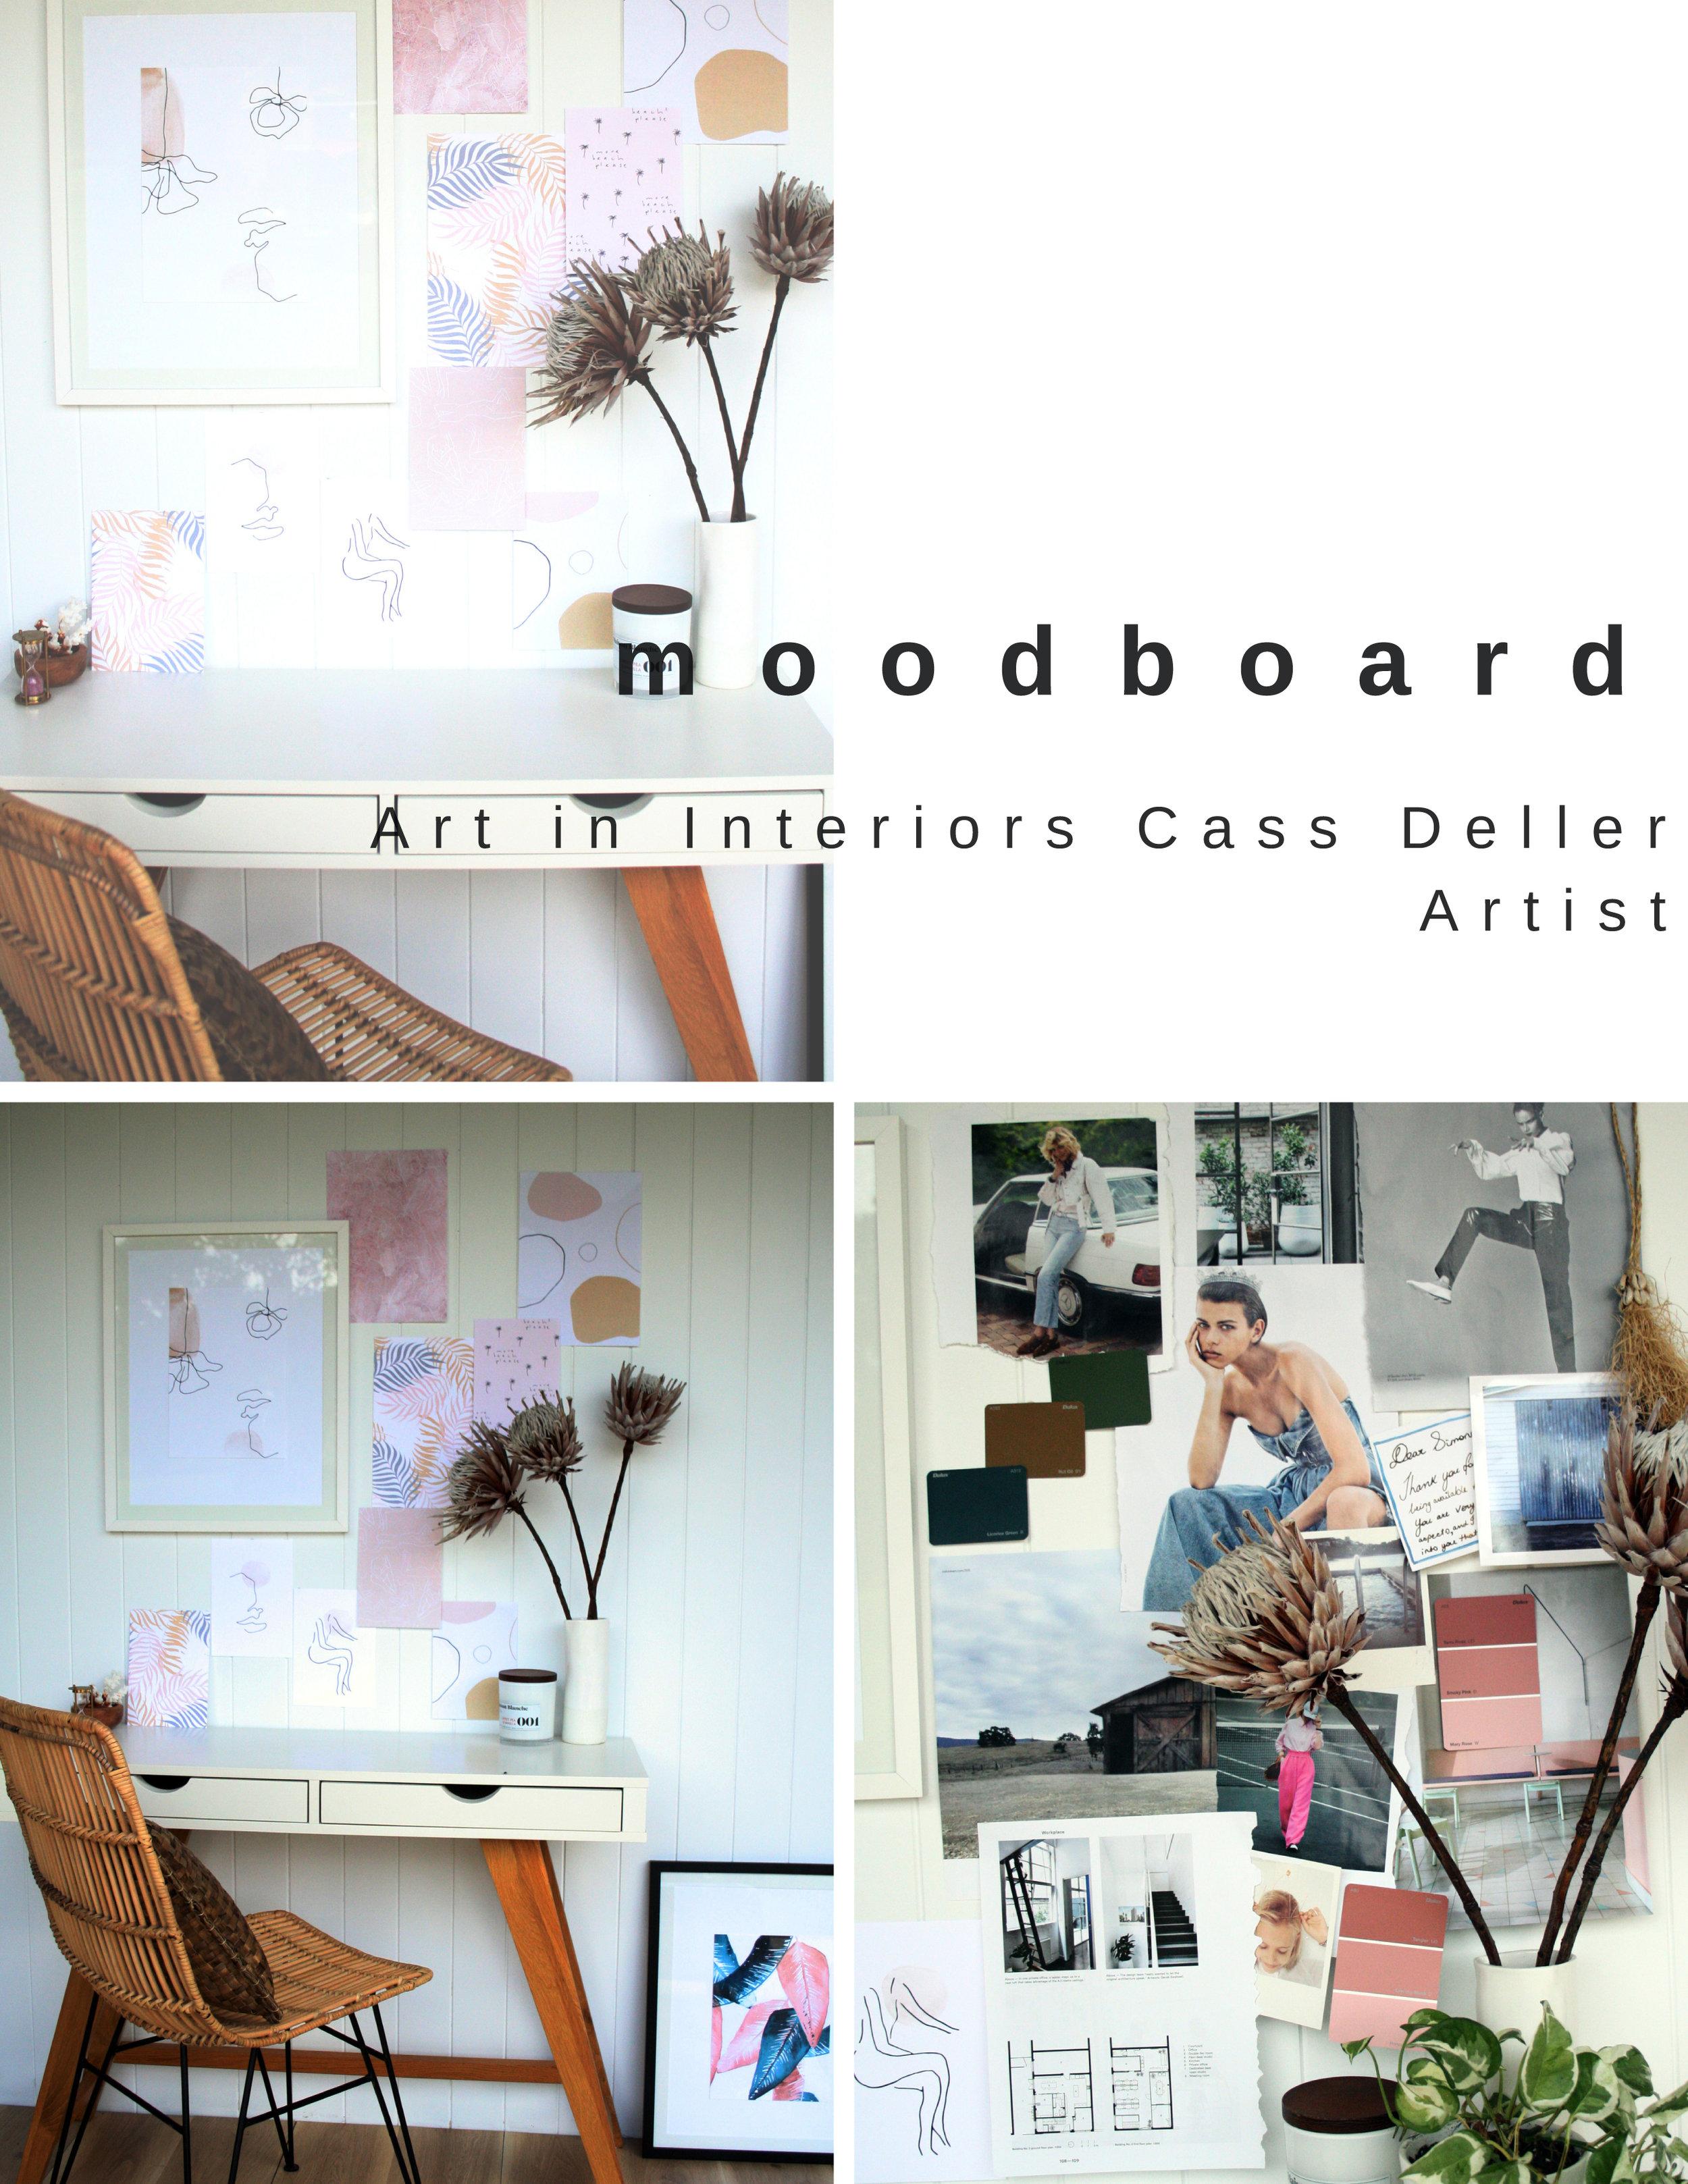 Art In Interiors Moodboard Cass Deller -.jpg